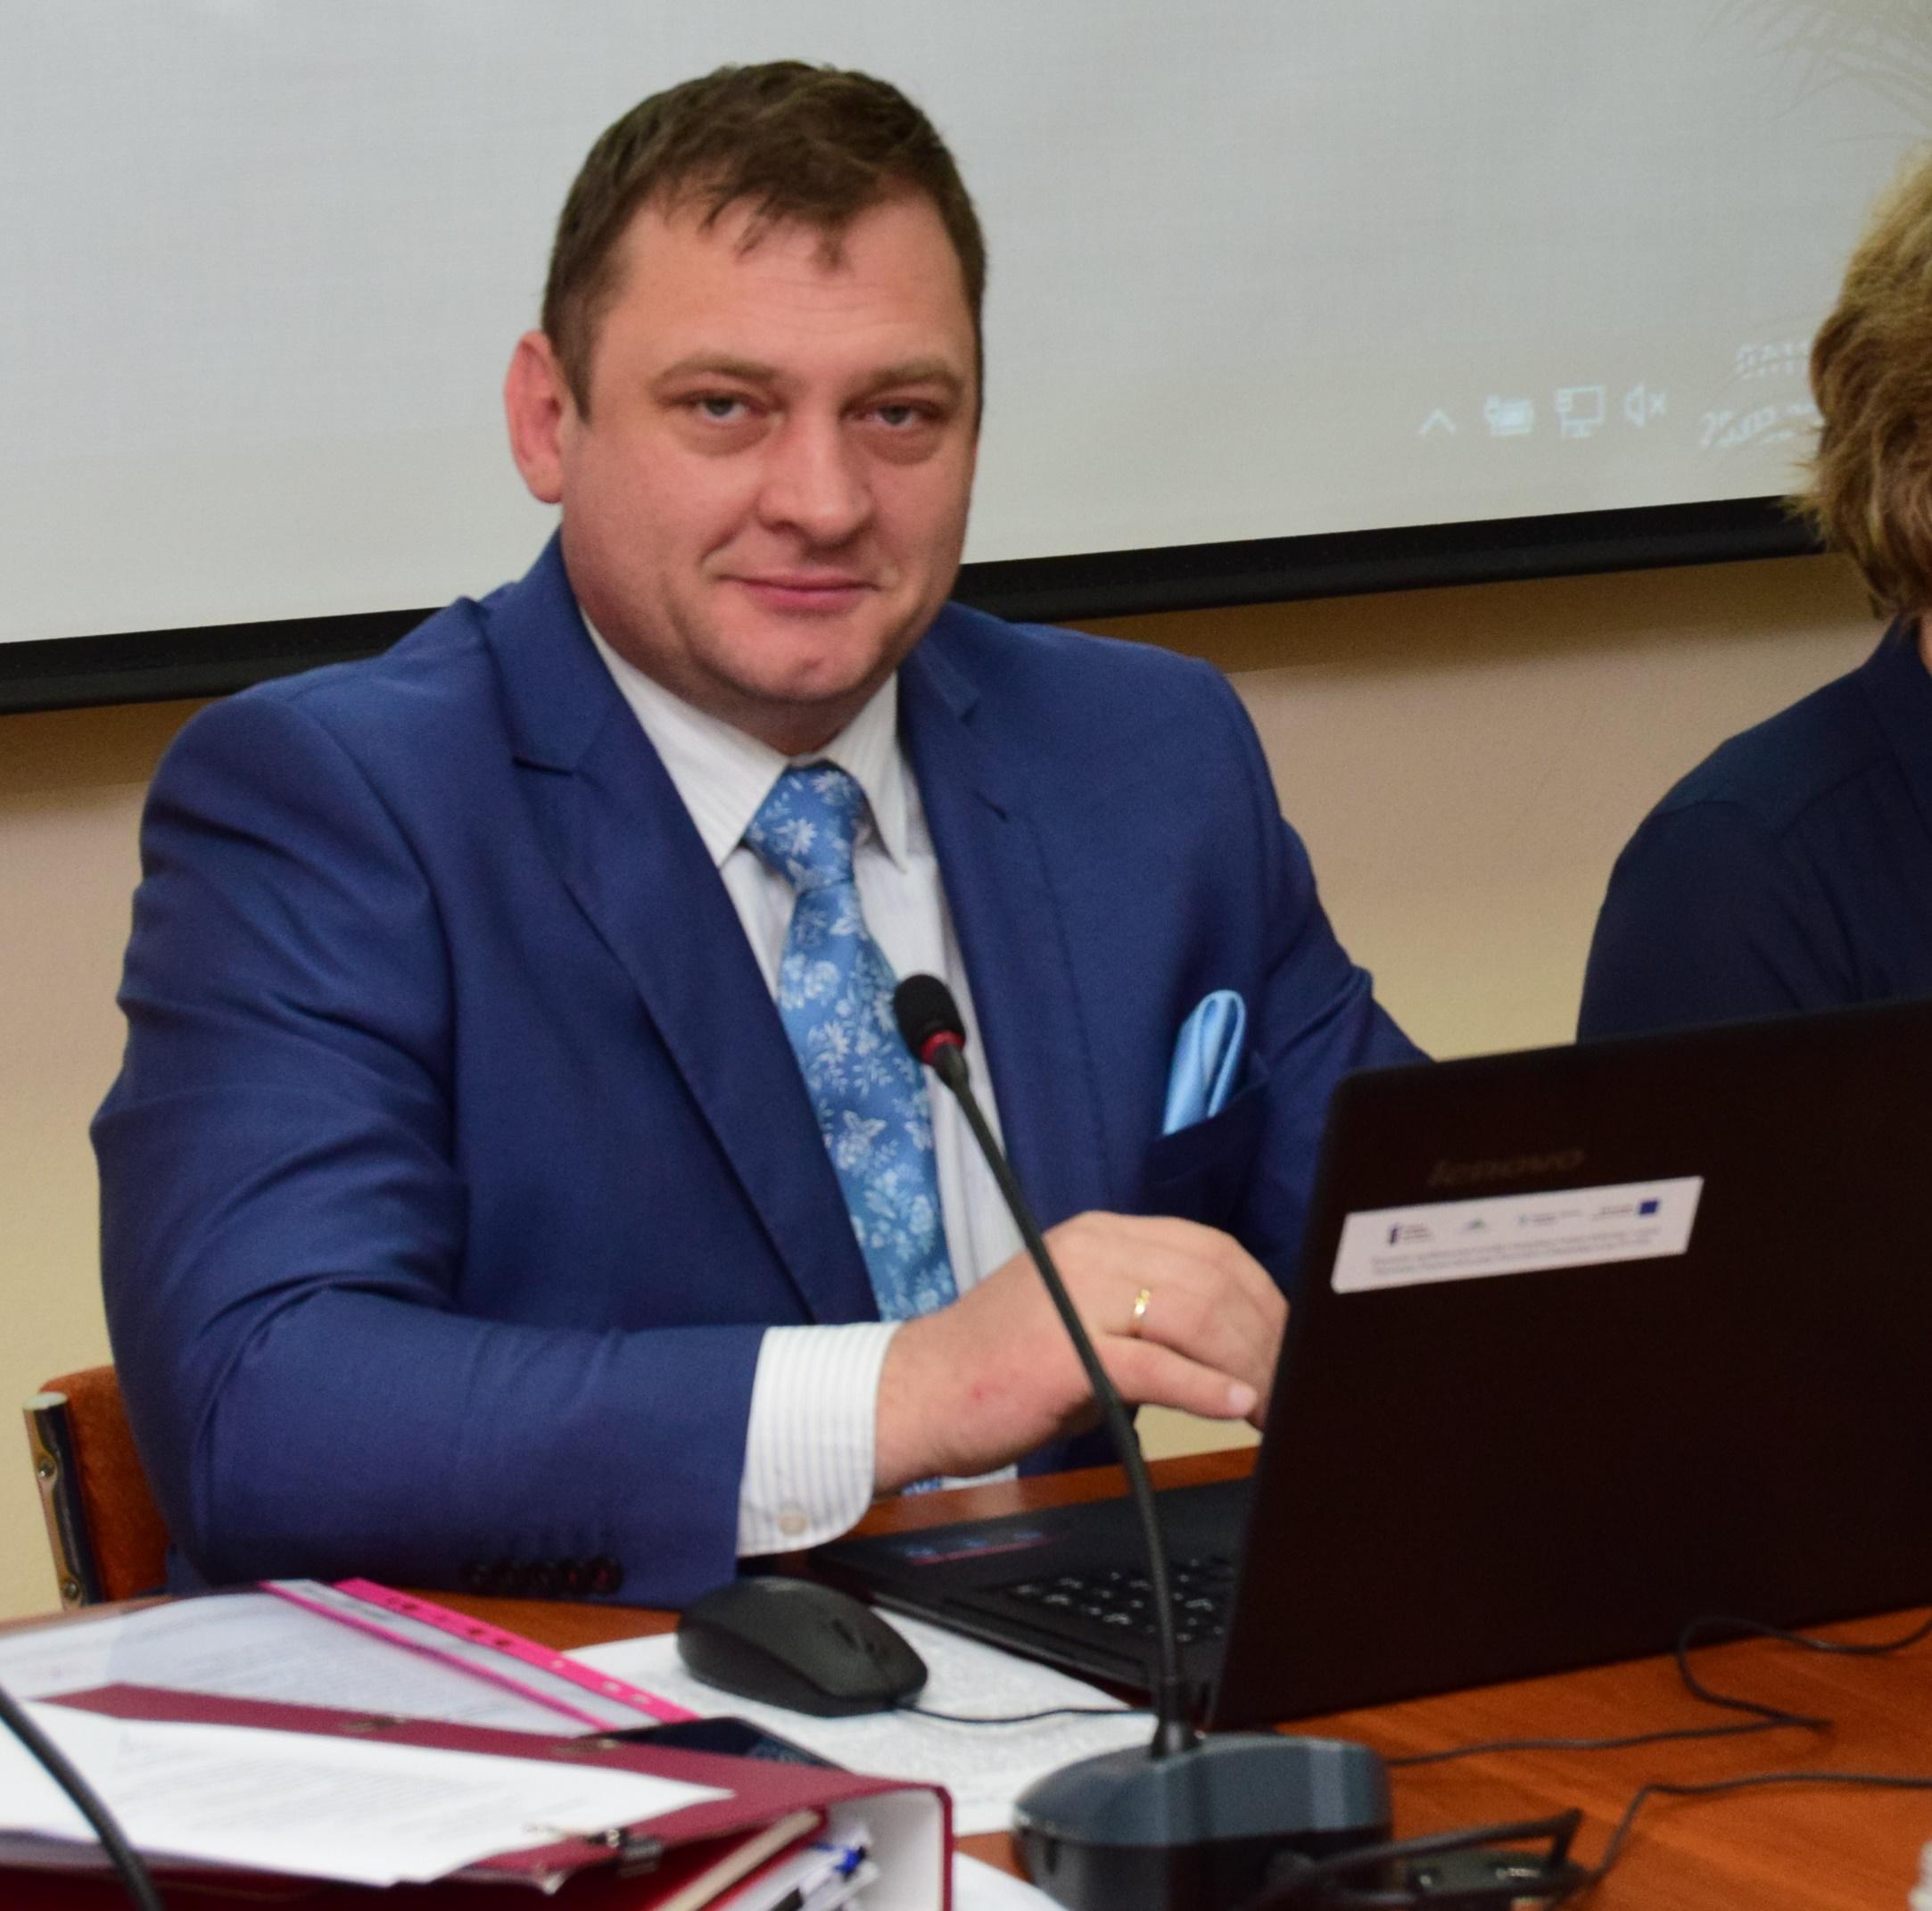 GMINA NIWISKA. Radni dyskutują o budżecie  - Zdjęcie główne